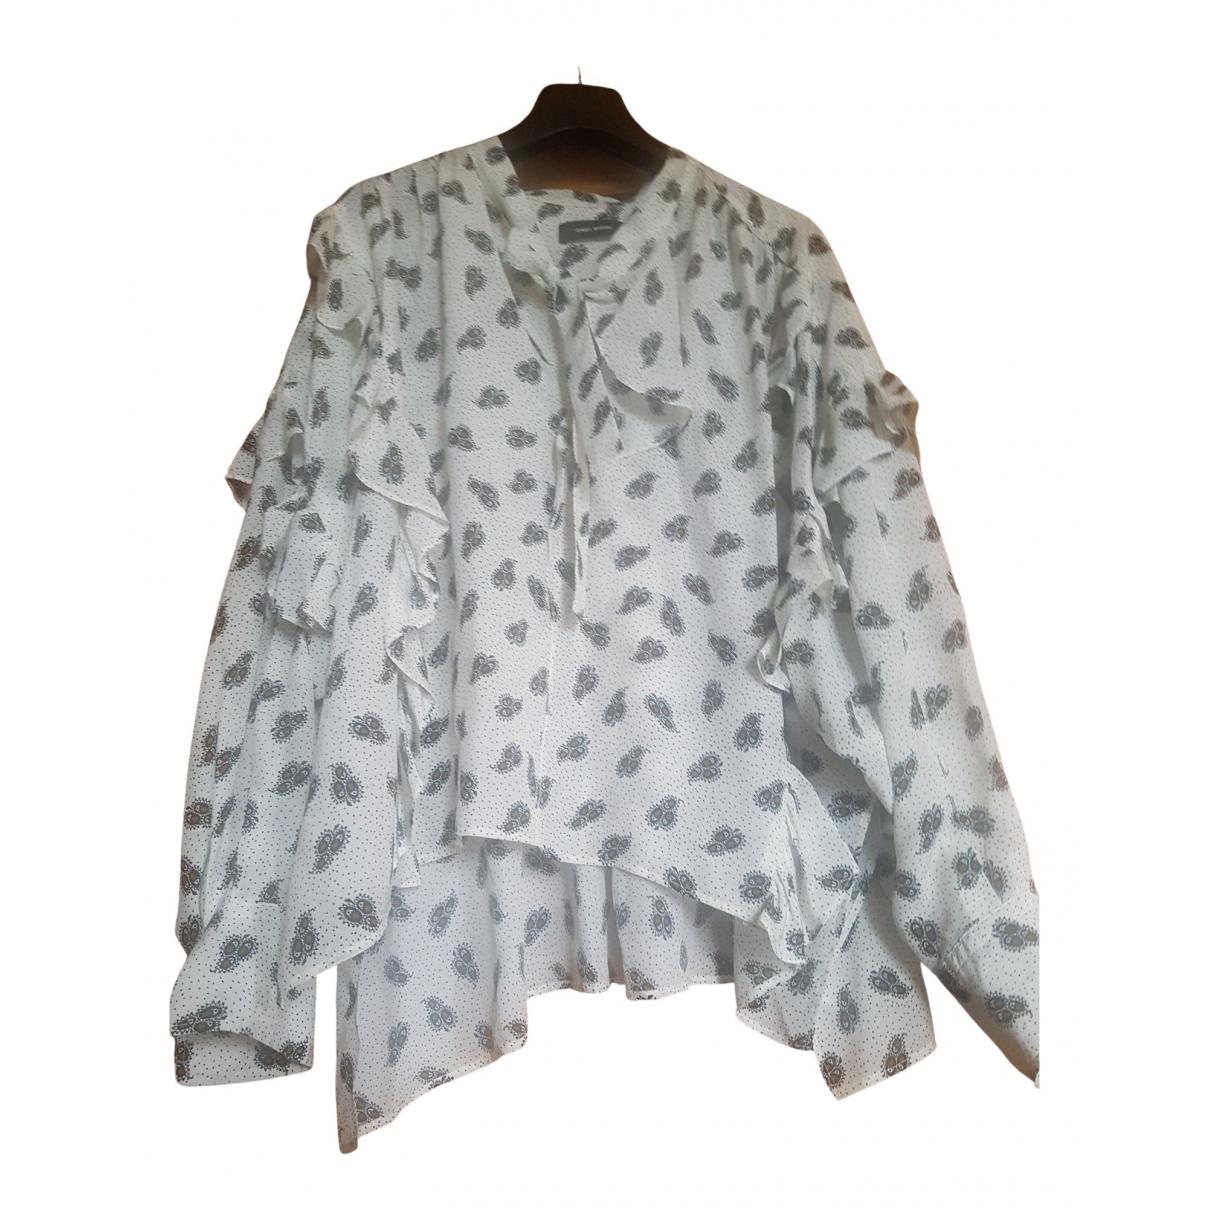 Isabel Marant N White Silk  top for Women 36 FR